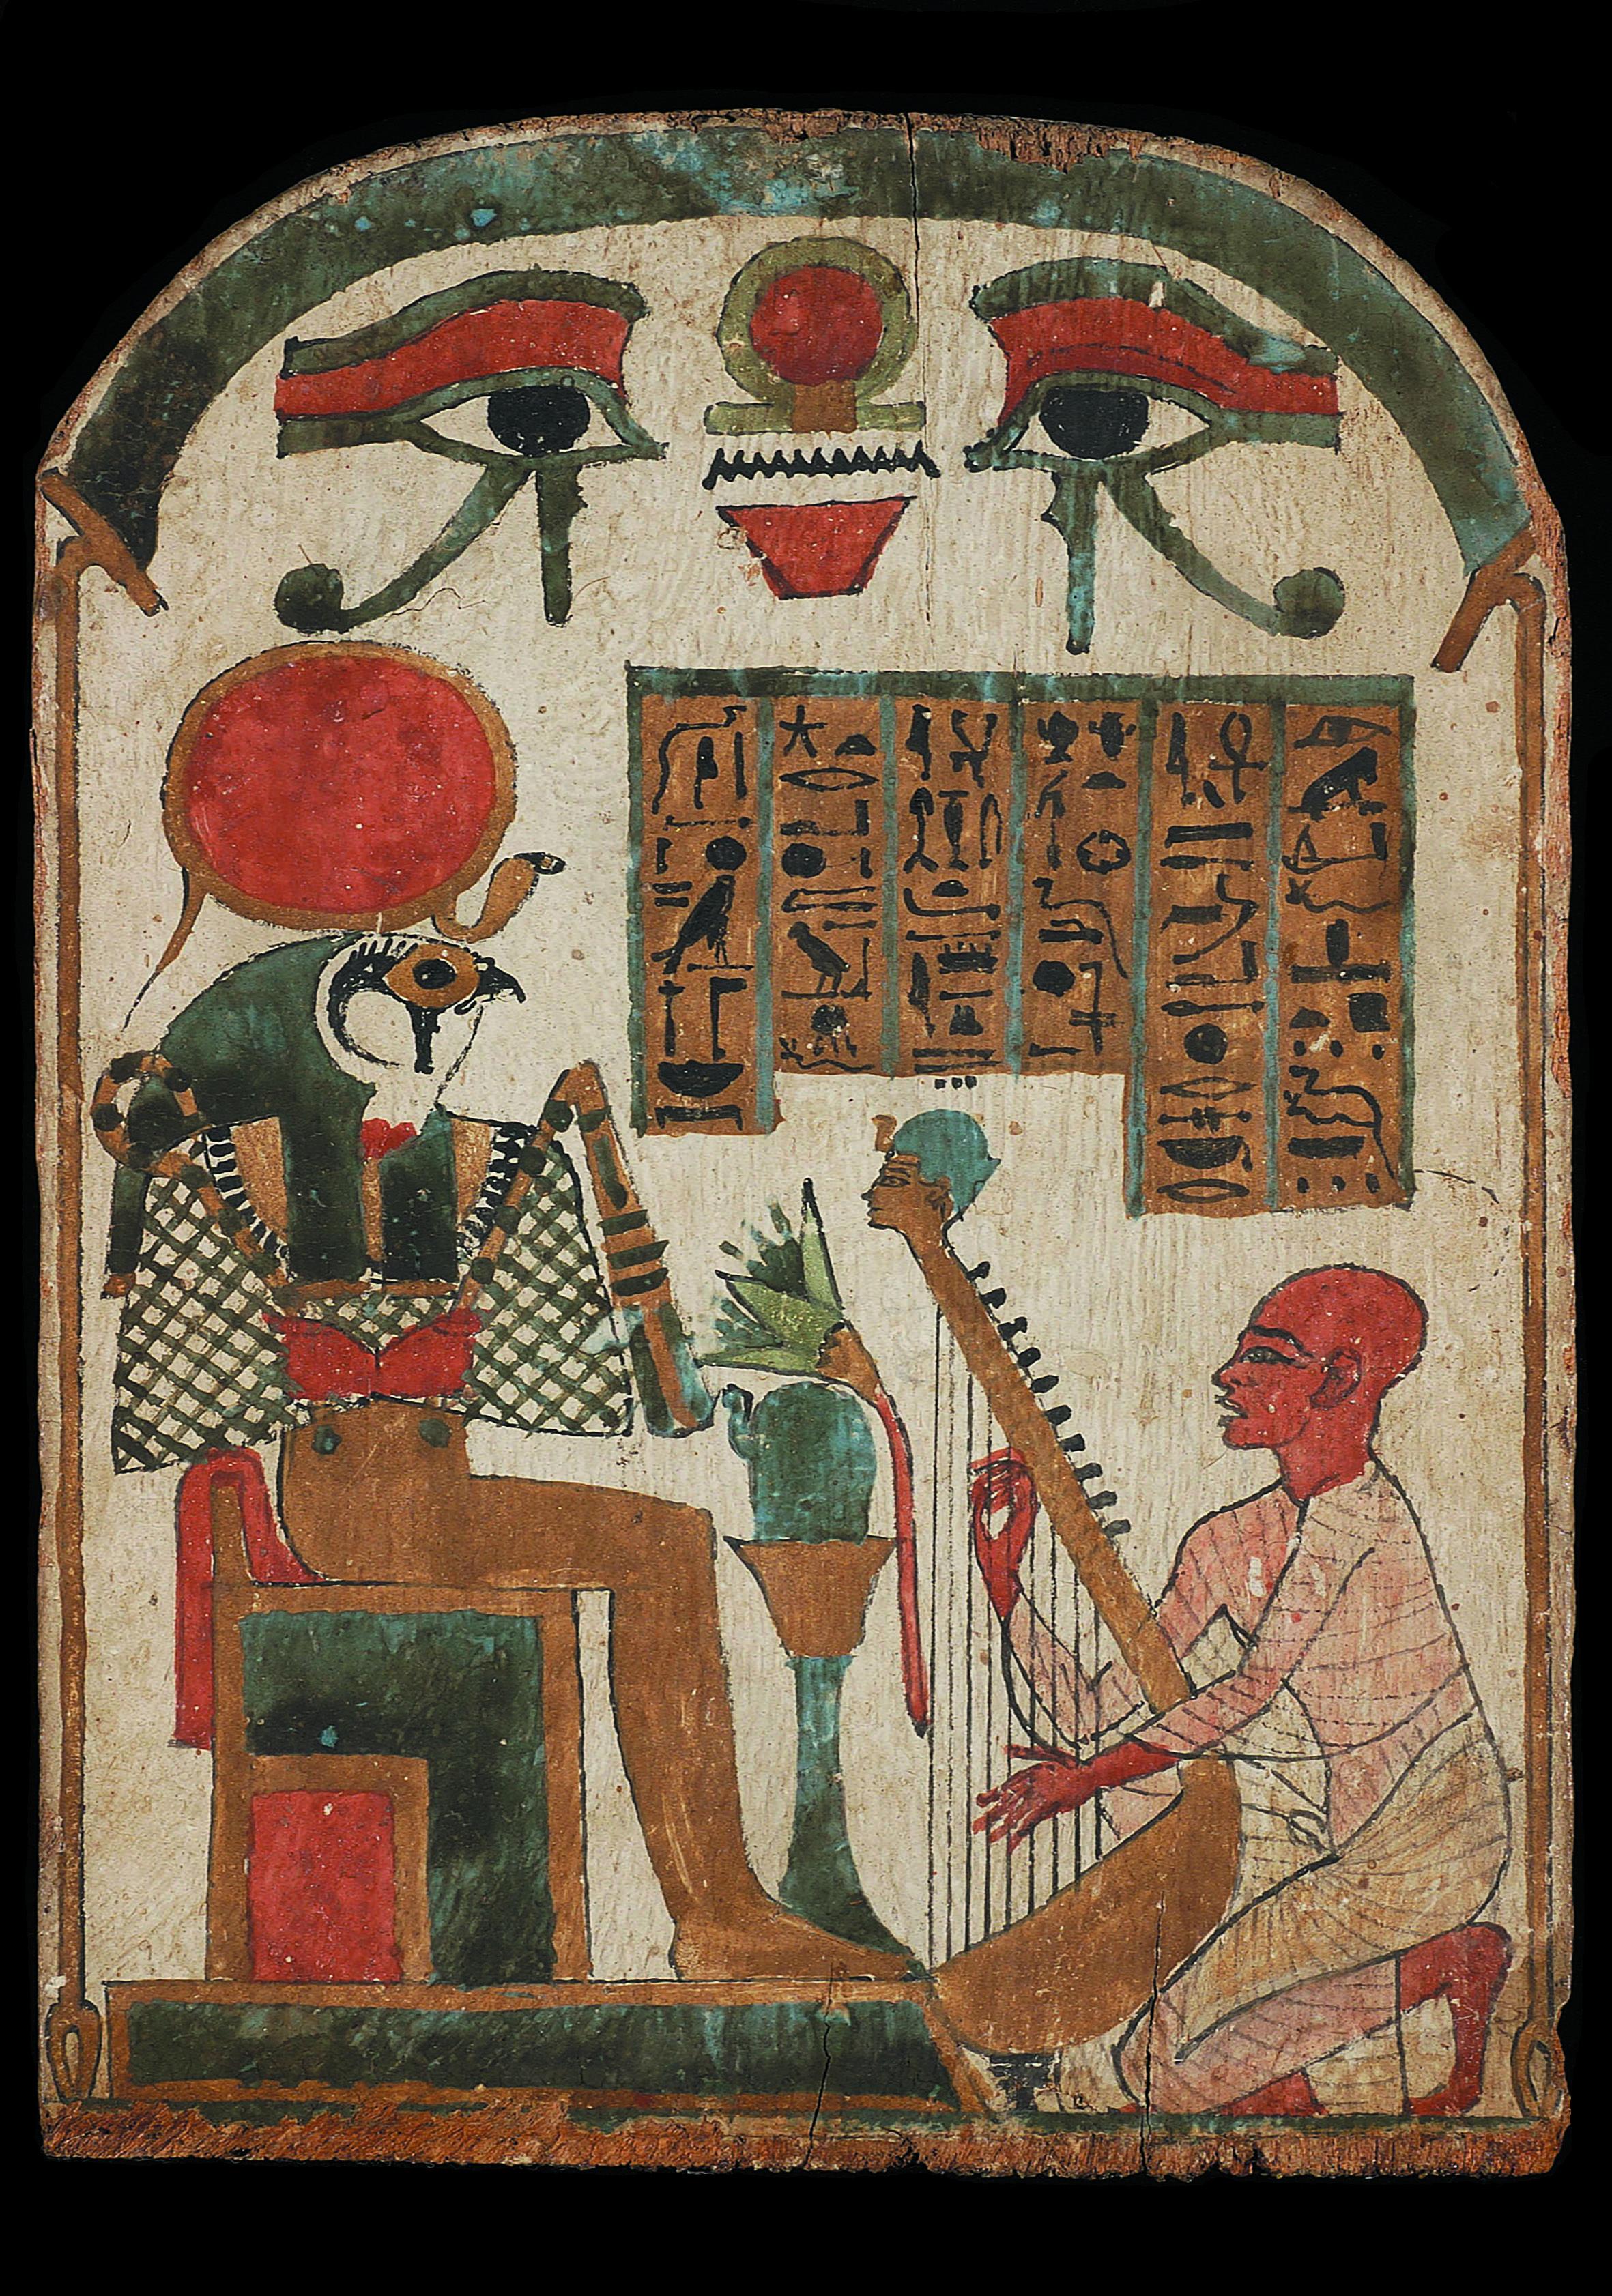 Le musicien d'Amon Djedkhonsouiouef'nkh joue de la harpe devant le dieu RÍ-Horakhty